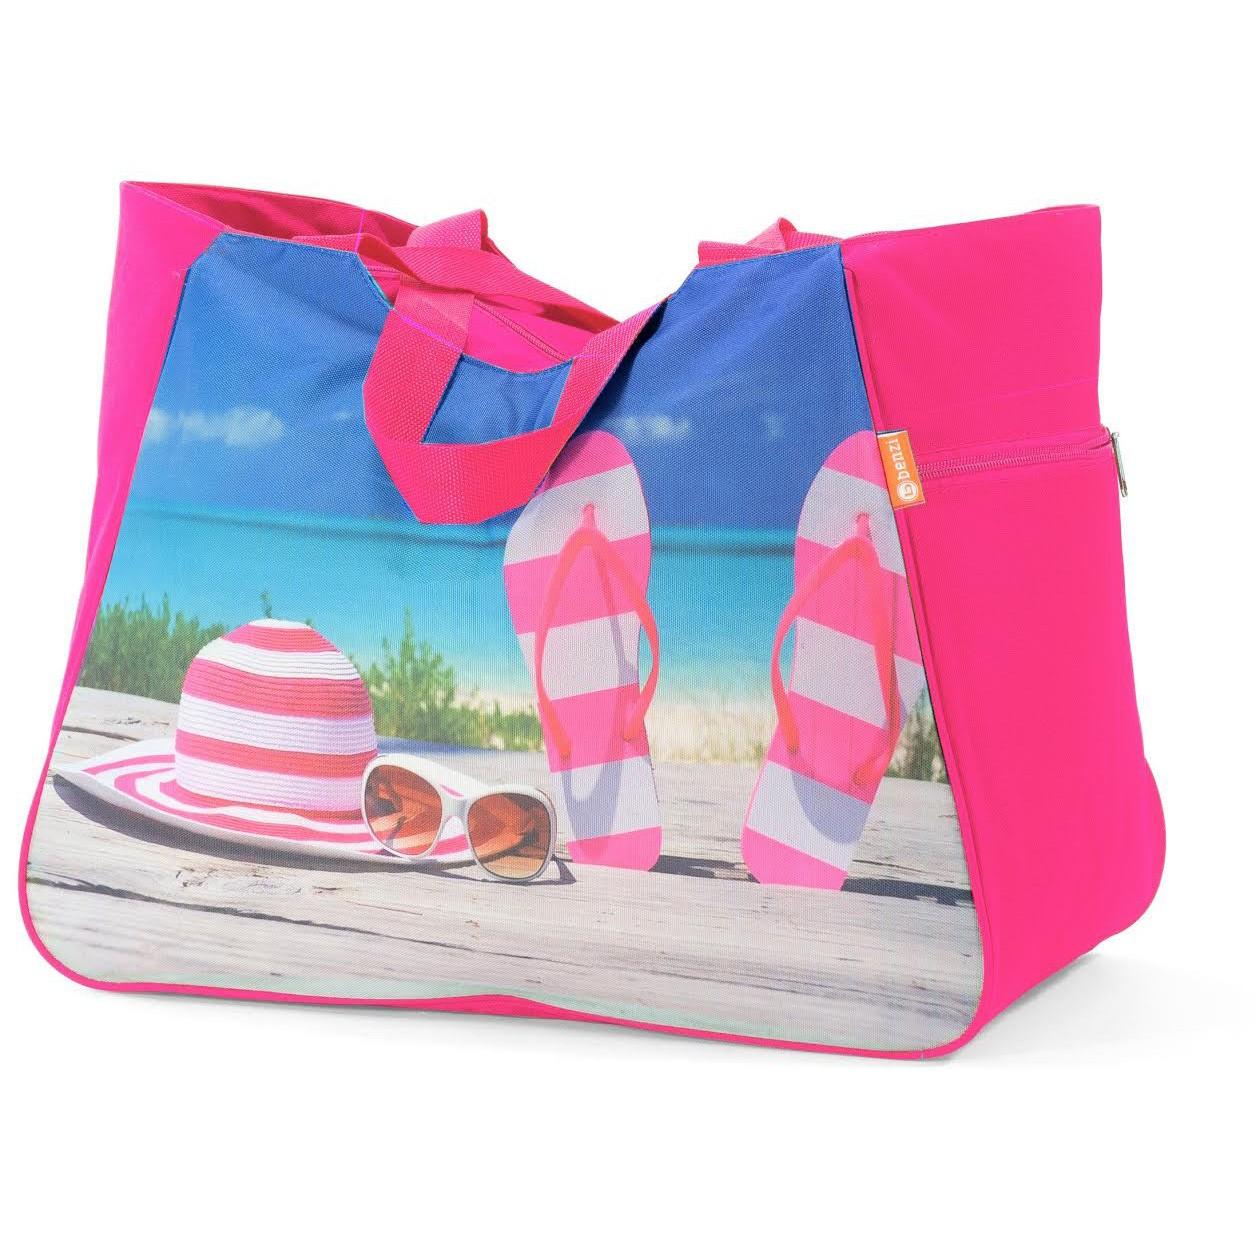 Τσάντα Παραλίας Benzi 5002 Pink home   θαλάσσης   τσάντες παραλίας